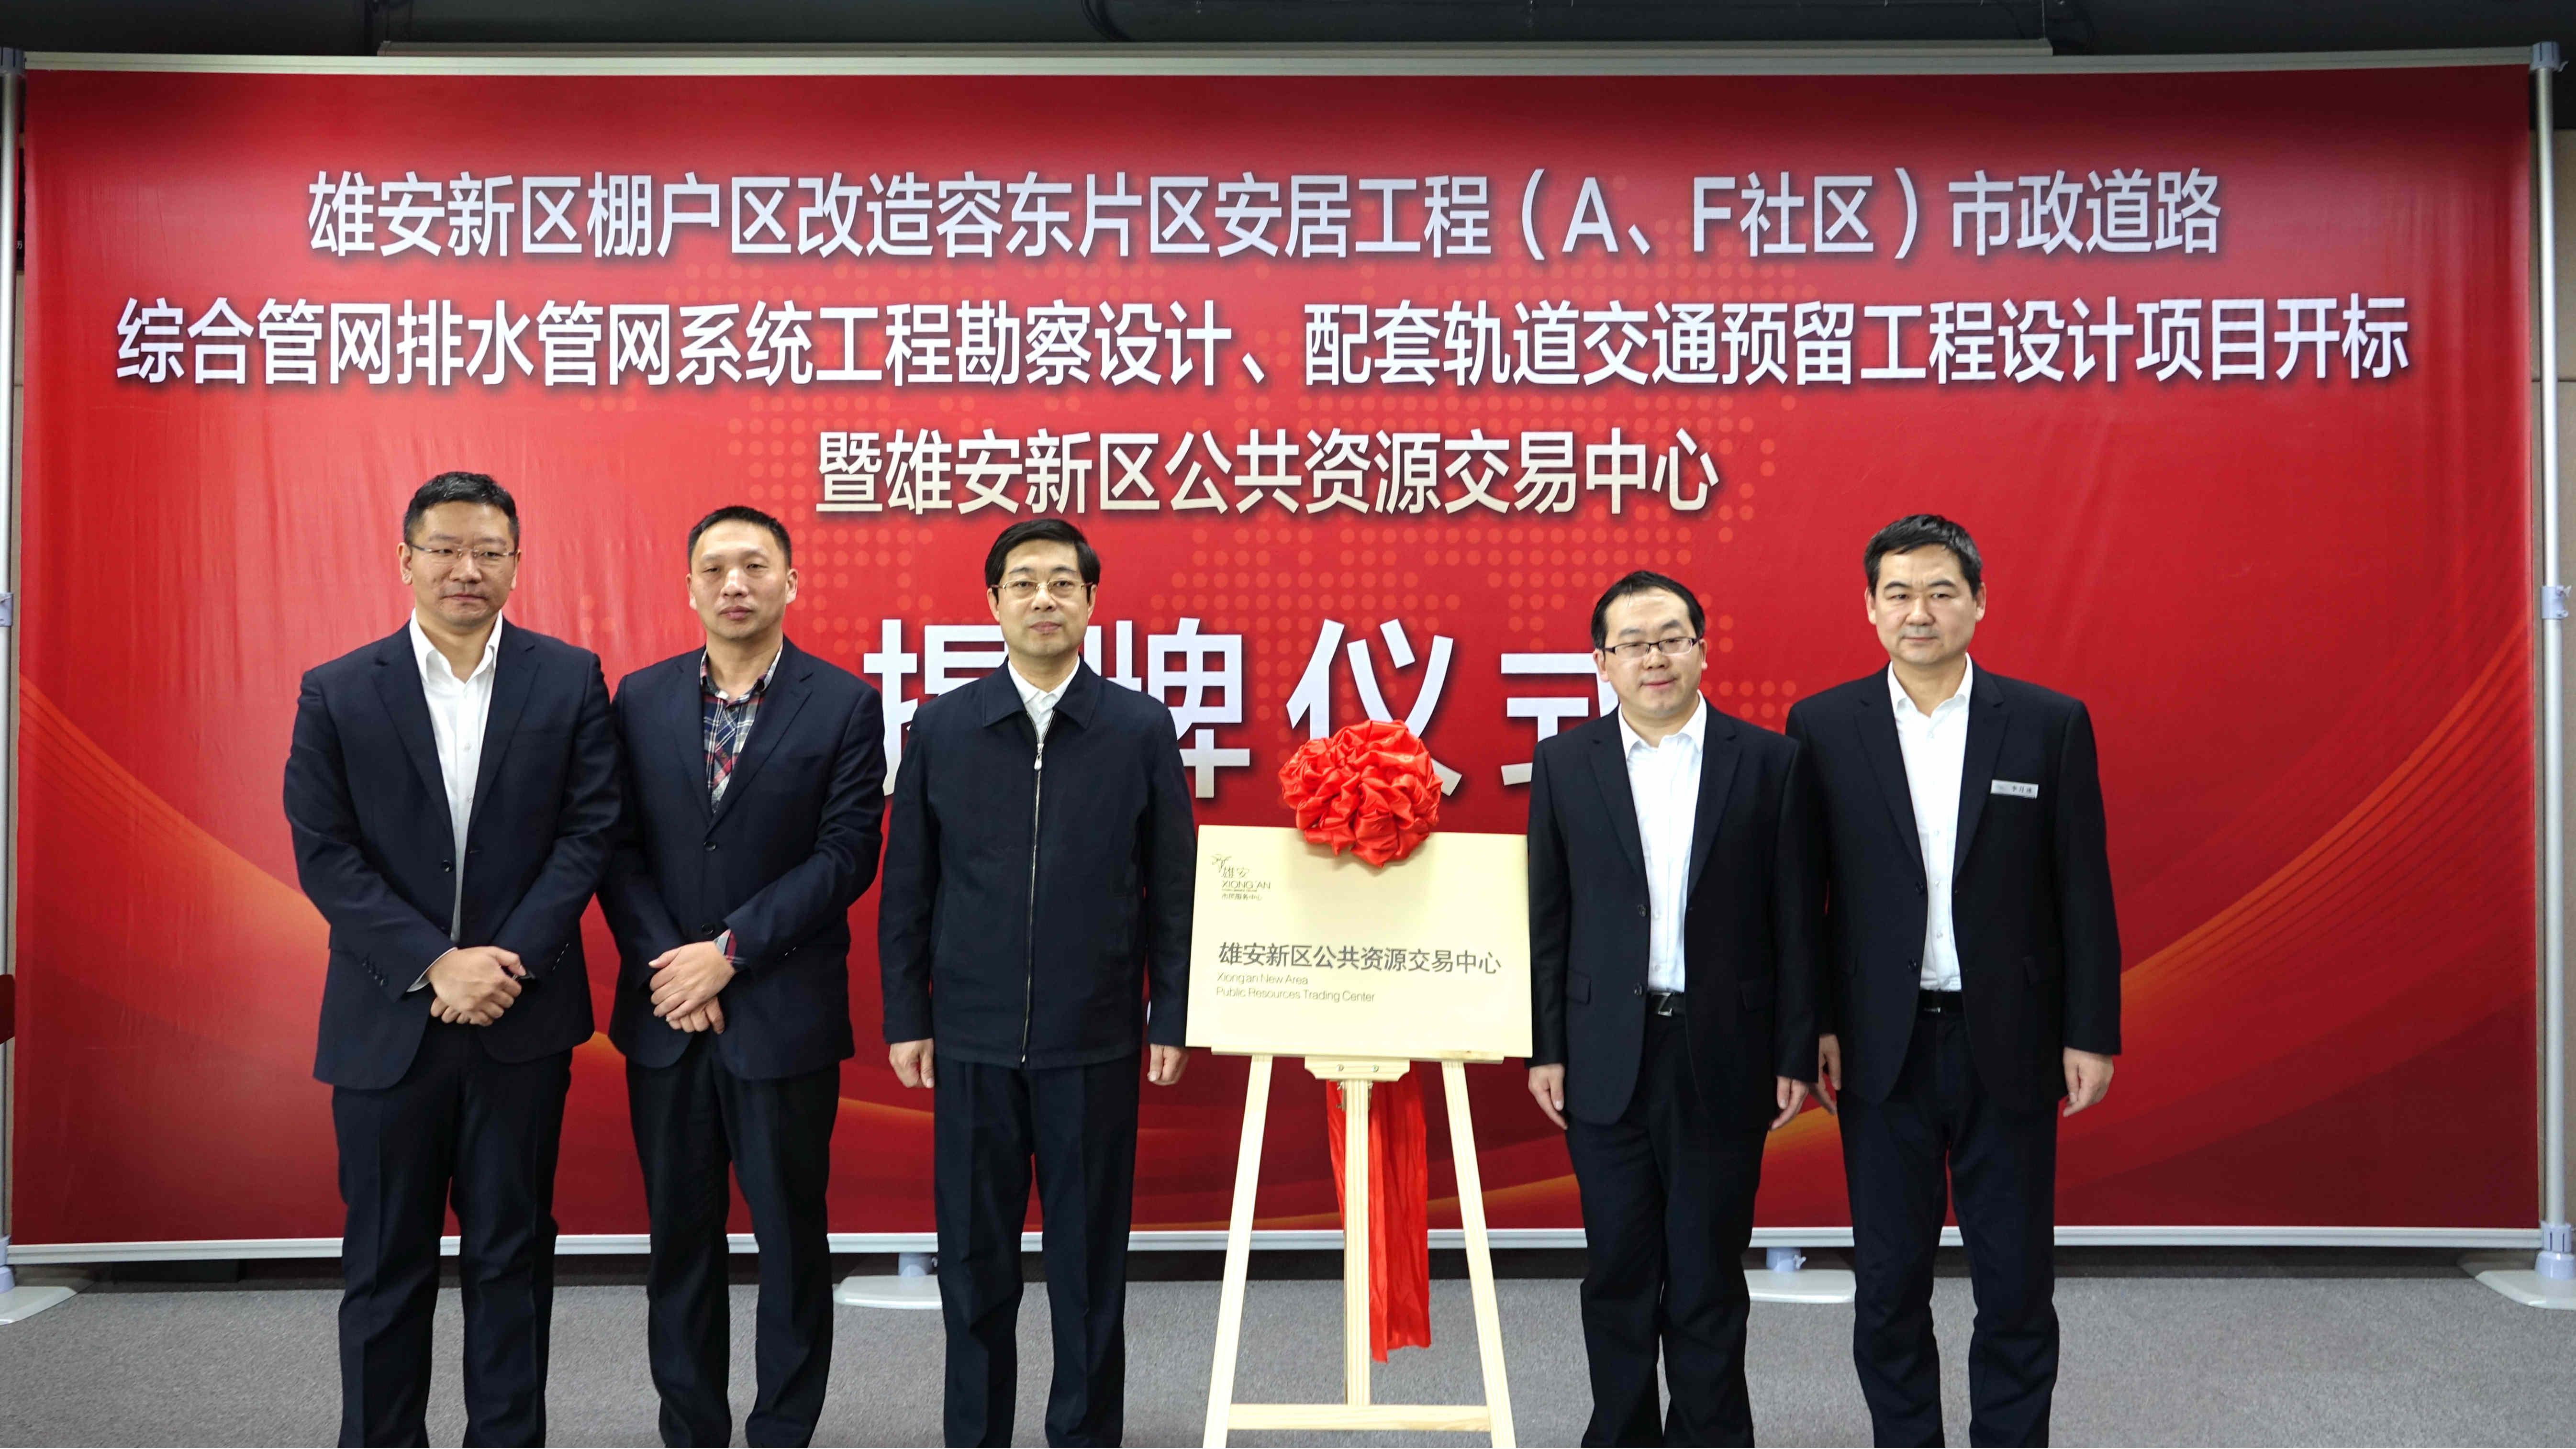 视频丨雄安新区公共资源交易中心揭牌